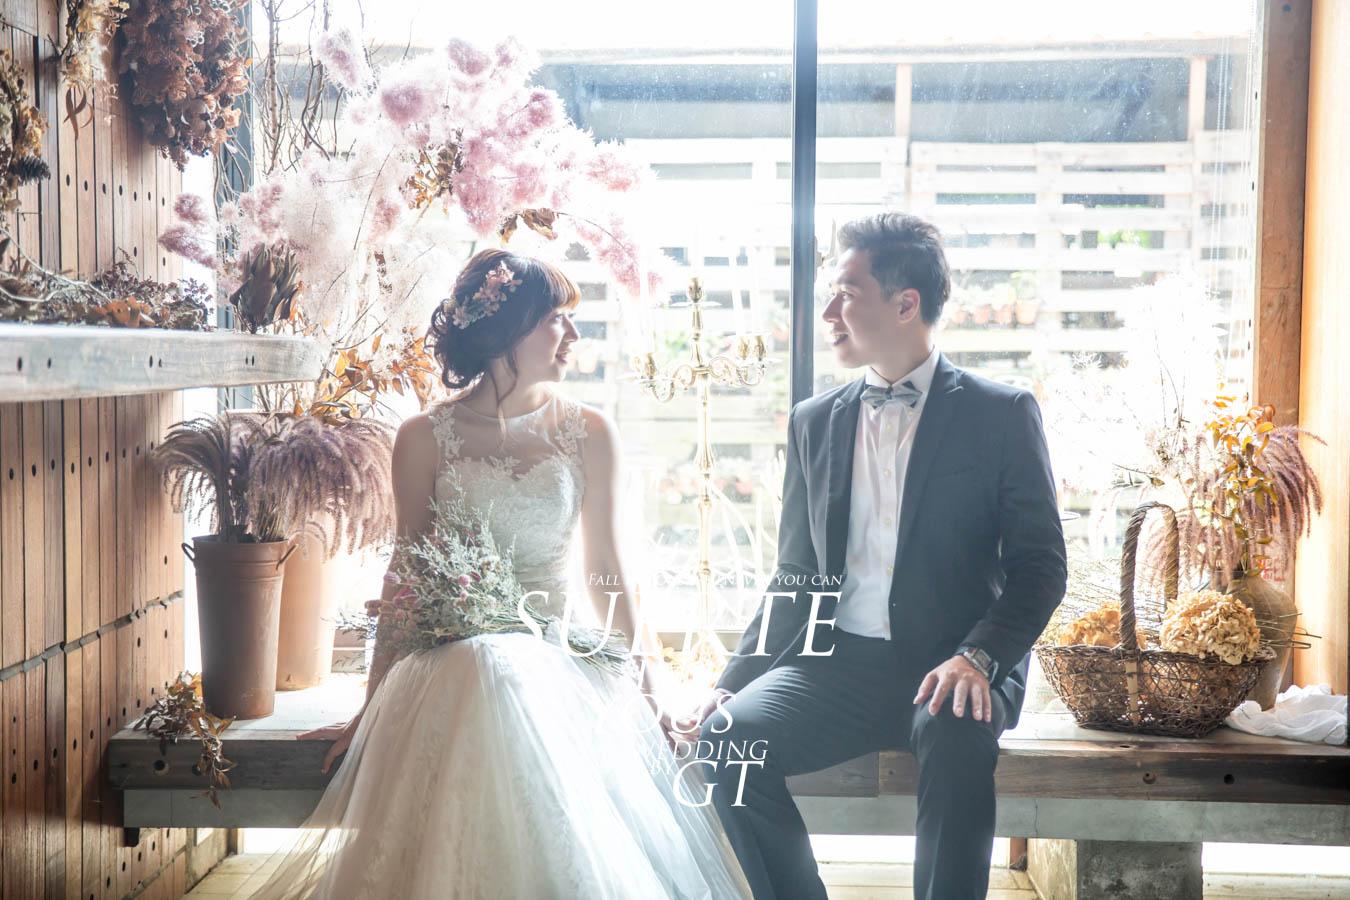 自助婚紗 | 均毅+琇儀  PREWEDDING GT拍攝 |國內婚紗|台中婚紗